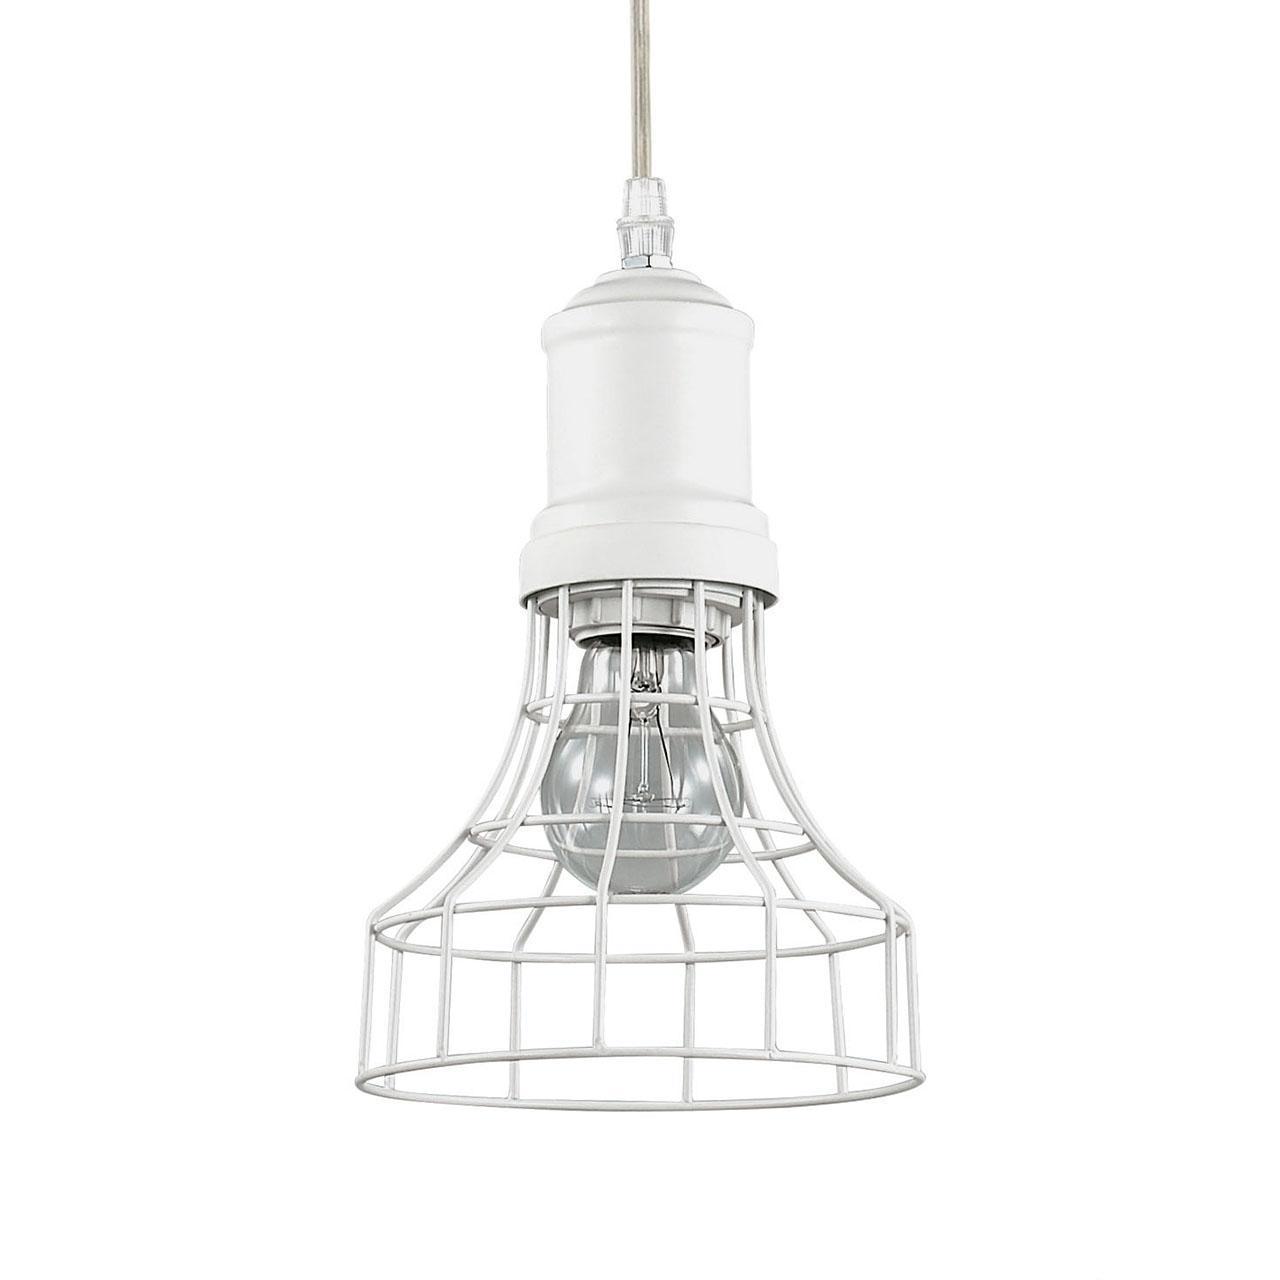 Подвесной светильник Ideal Lux Cage SP1 Plate namat подвесной светильник ideal lux cage sp1 plate